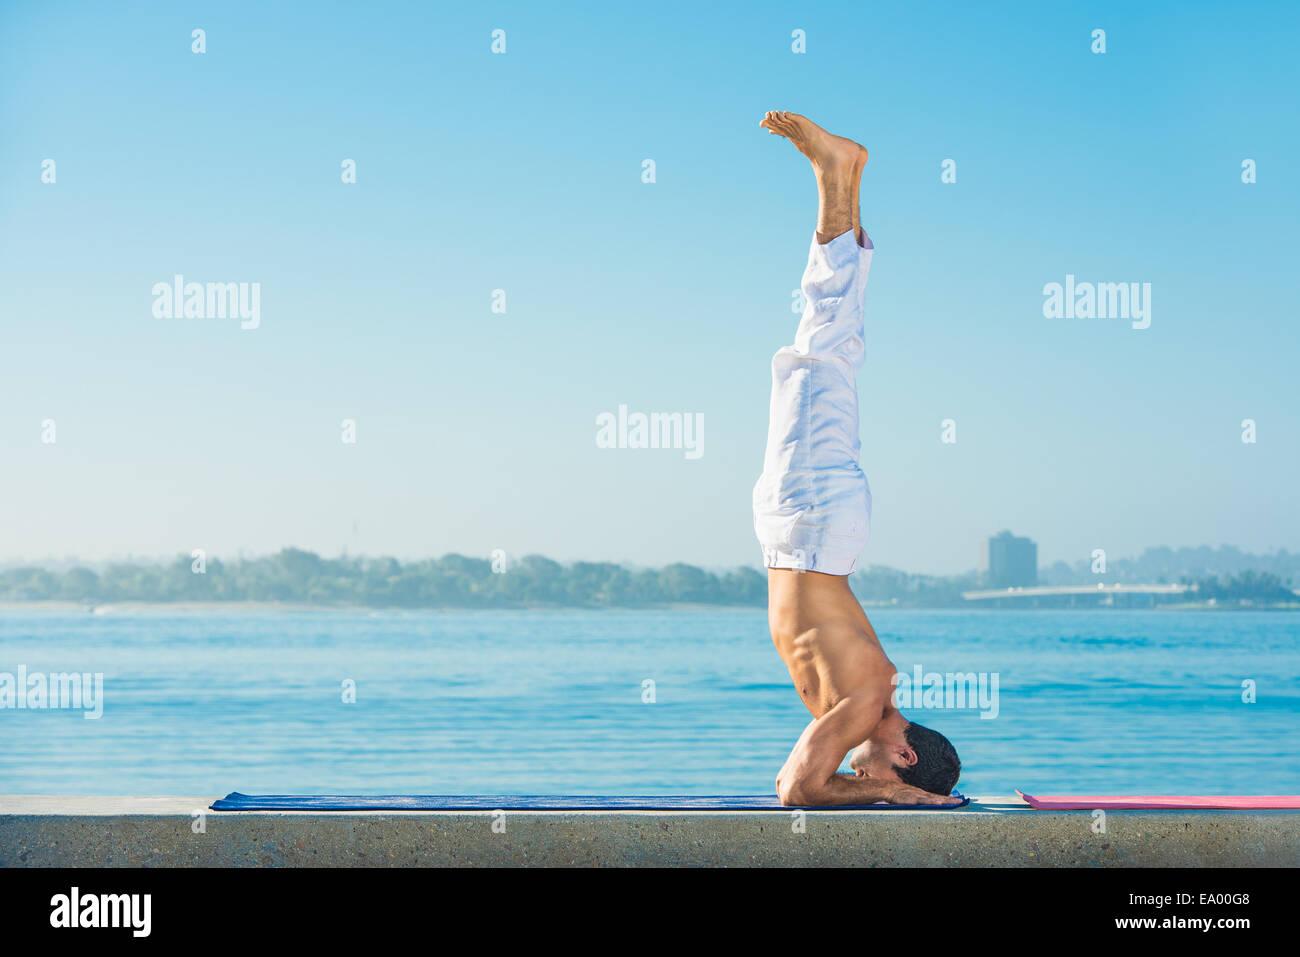 Jeune homme à l'envers la pratique de yoga position à Pacific Beach, San Diego, California, USA Photo Stock